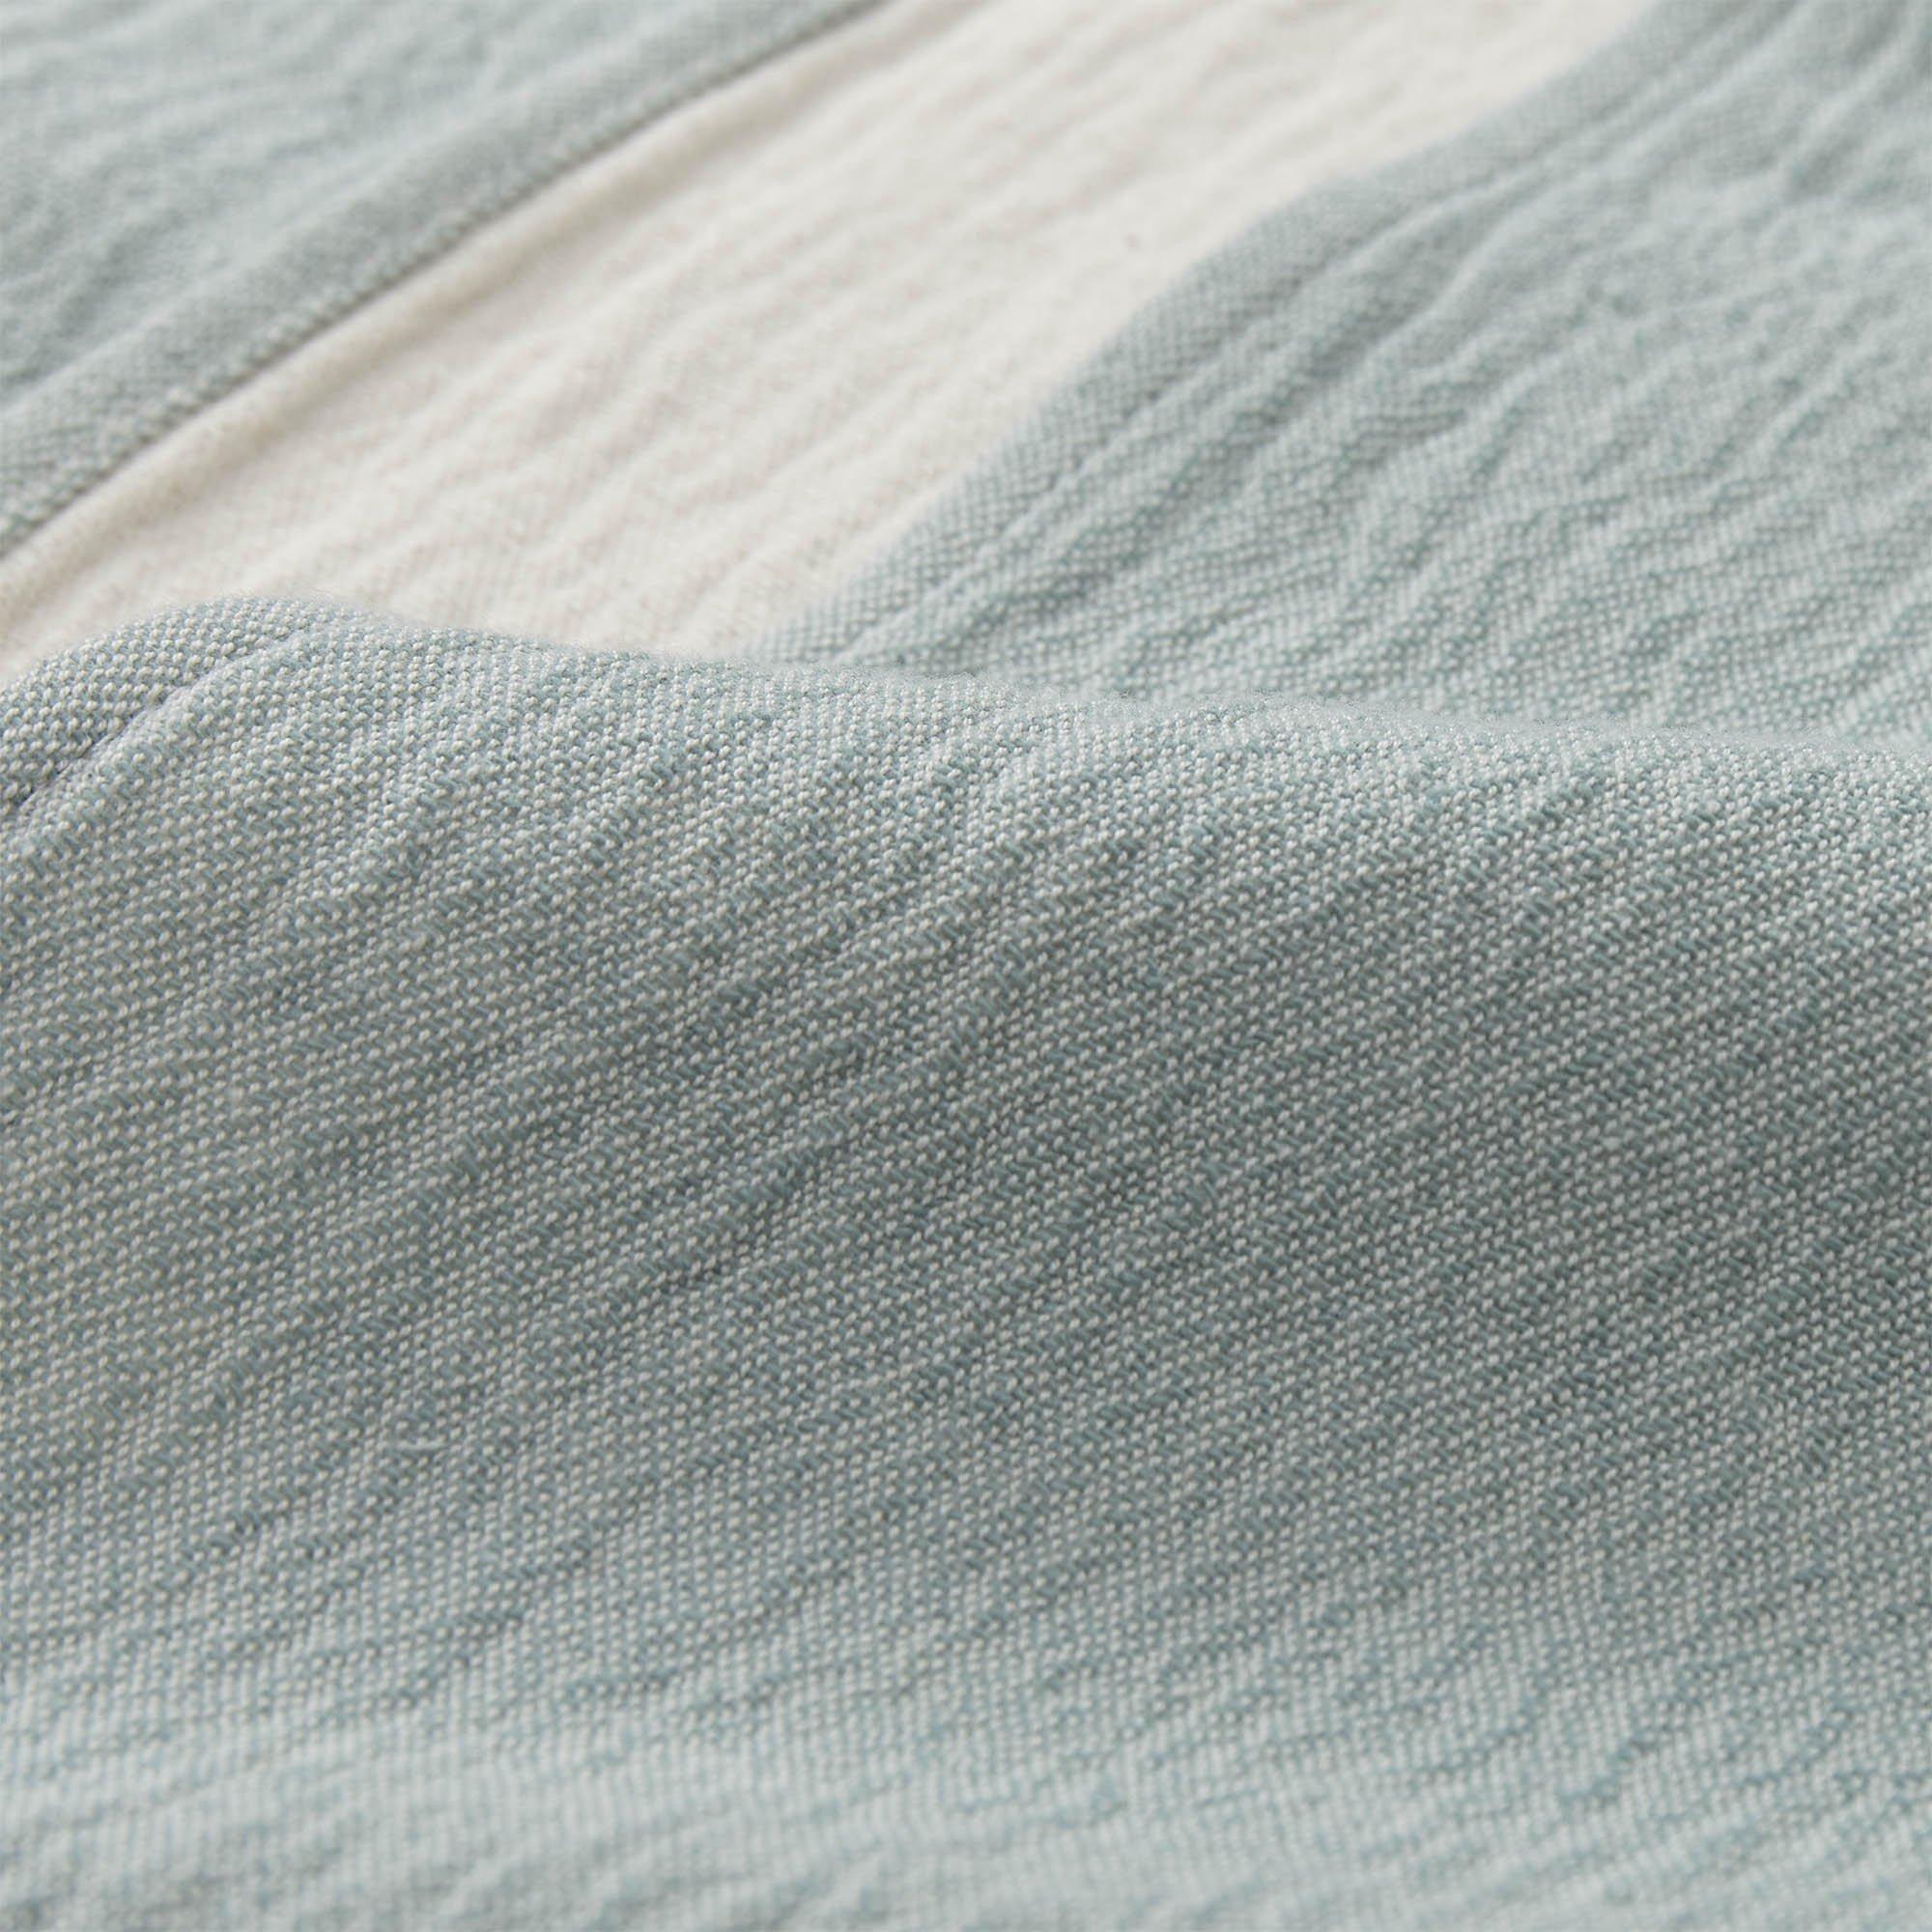 Full Size of Decken Kuscheldecke Online Kaufen Urbanara Led Deckenleuchte Schlafzimmer Deckenleuchten Küche Deckenlampe Tagesdecken Für Betten Deckenlampen Wohnzimmer Wohnzimmer Schöne Decken